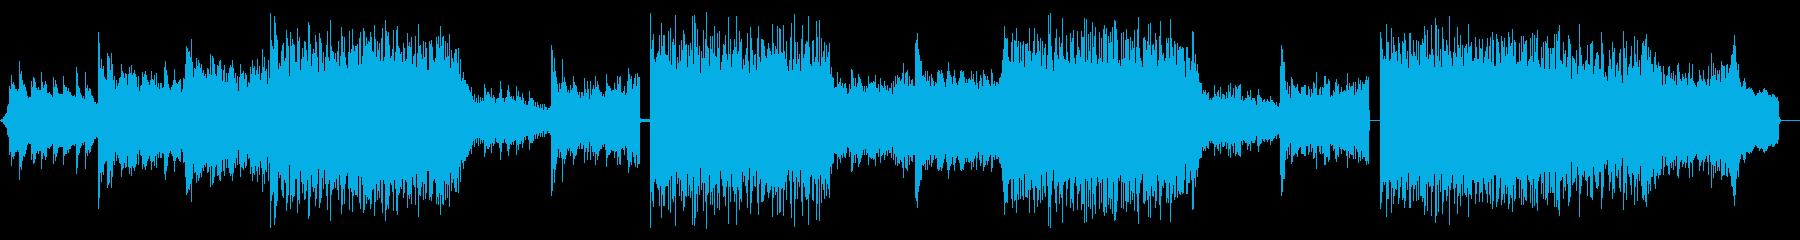 ドラマ 感動 メロディ 劇伴 メロ無版の再生済みの波形